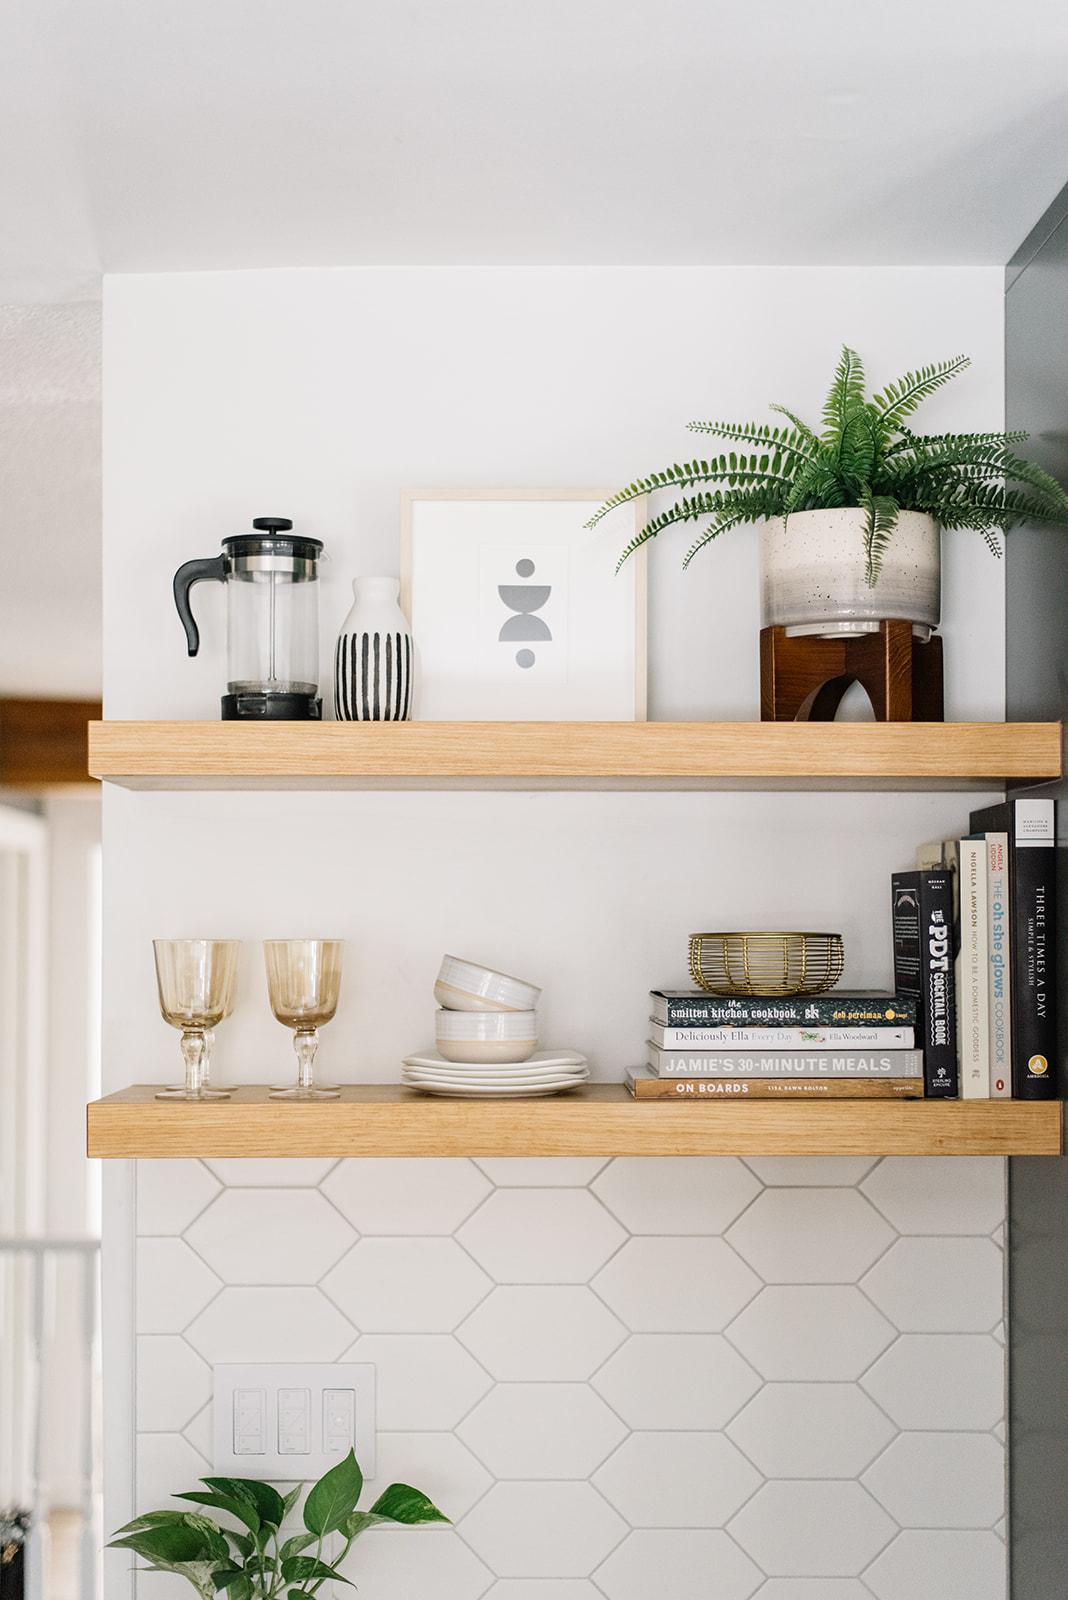 kitchen shelf styling